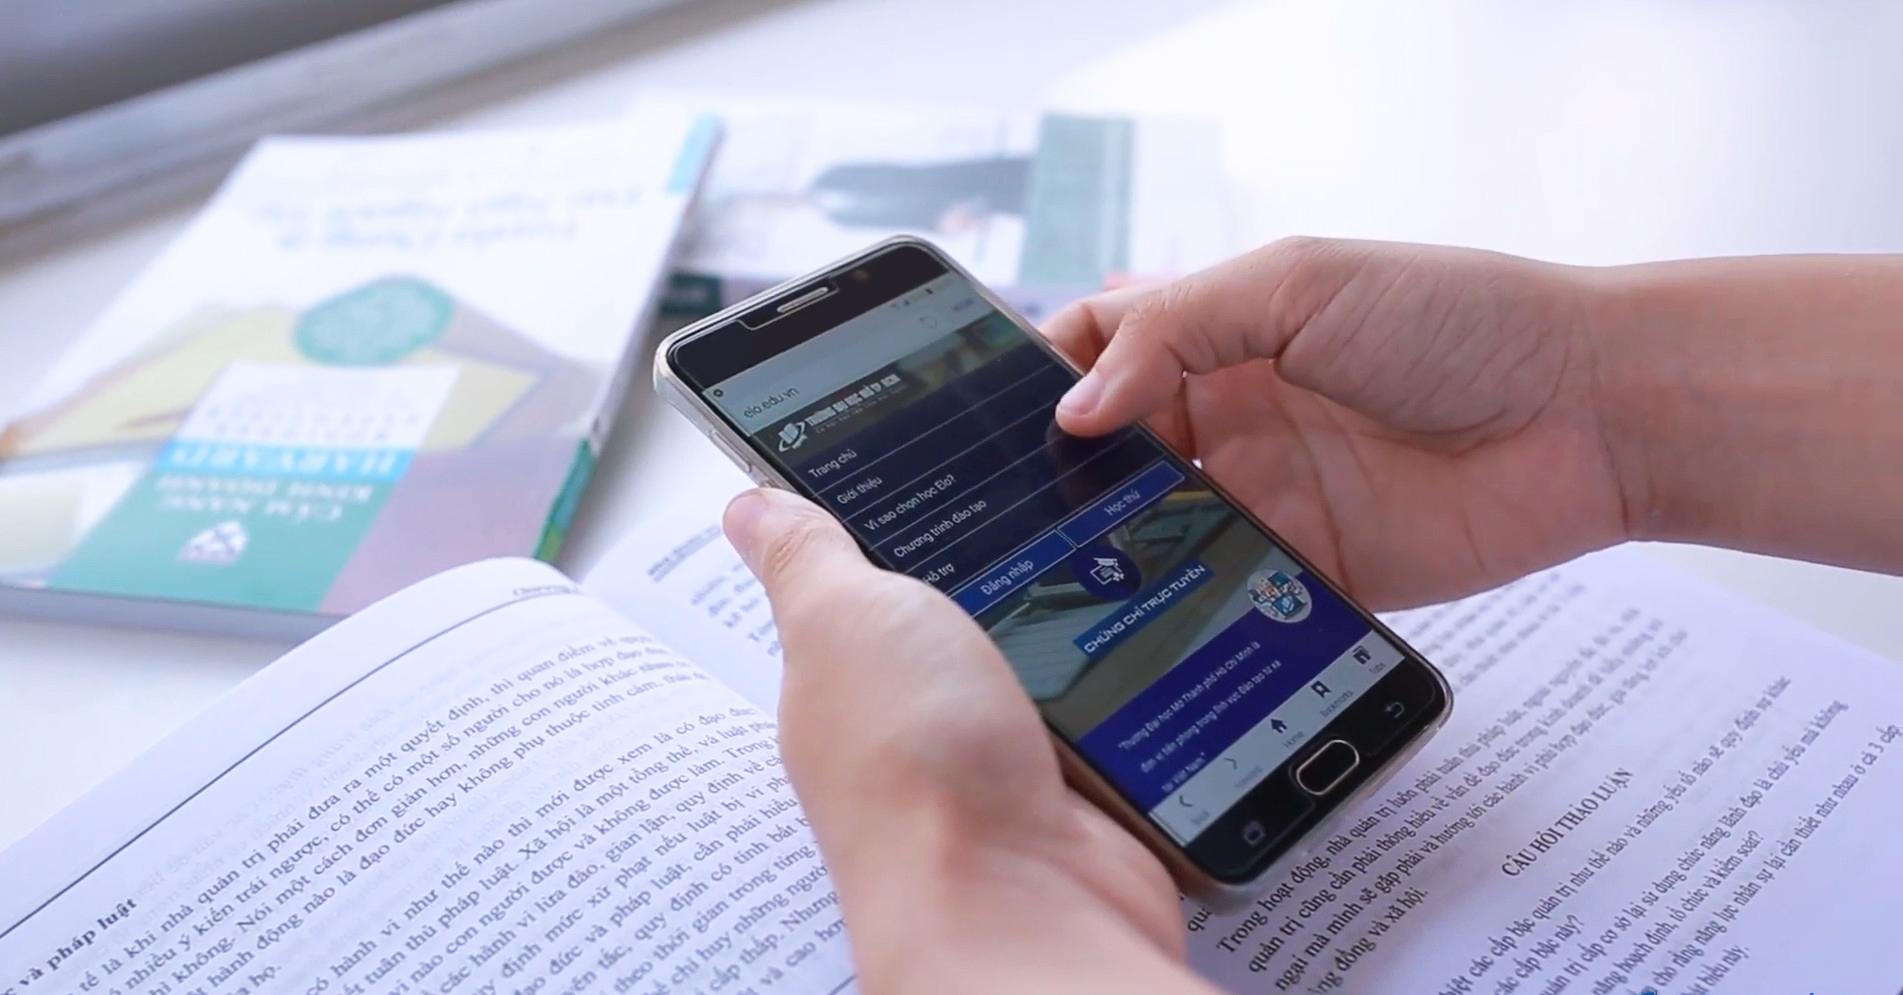 Trường ĐH Mở TP.HCM triển khai dịch vụ trực tuyến tại nhà theo yêu cầu, chủ động thích ứng trong mùa dịch Covid-19